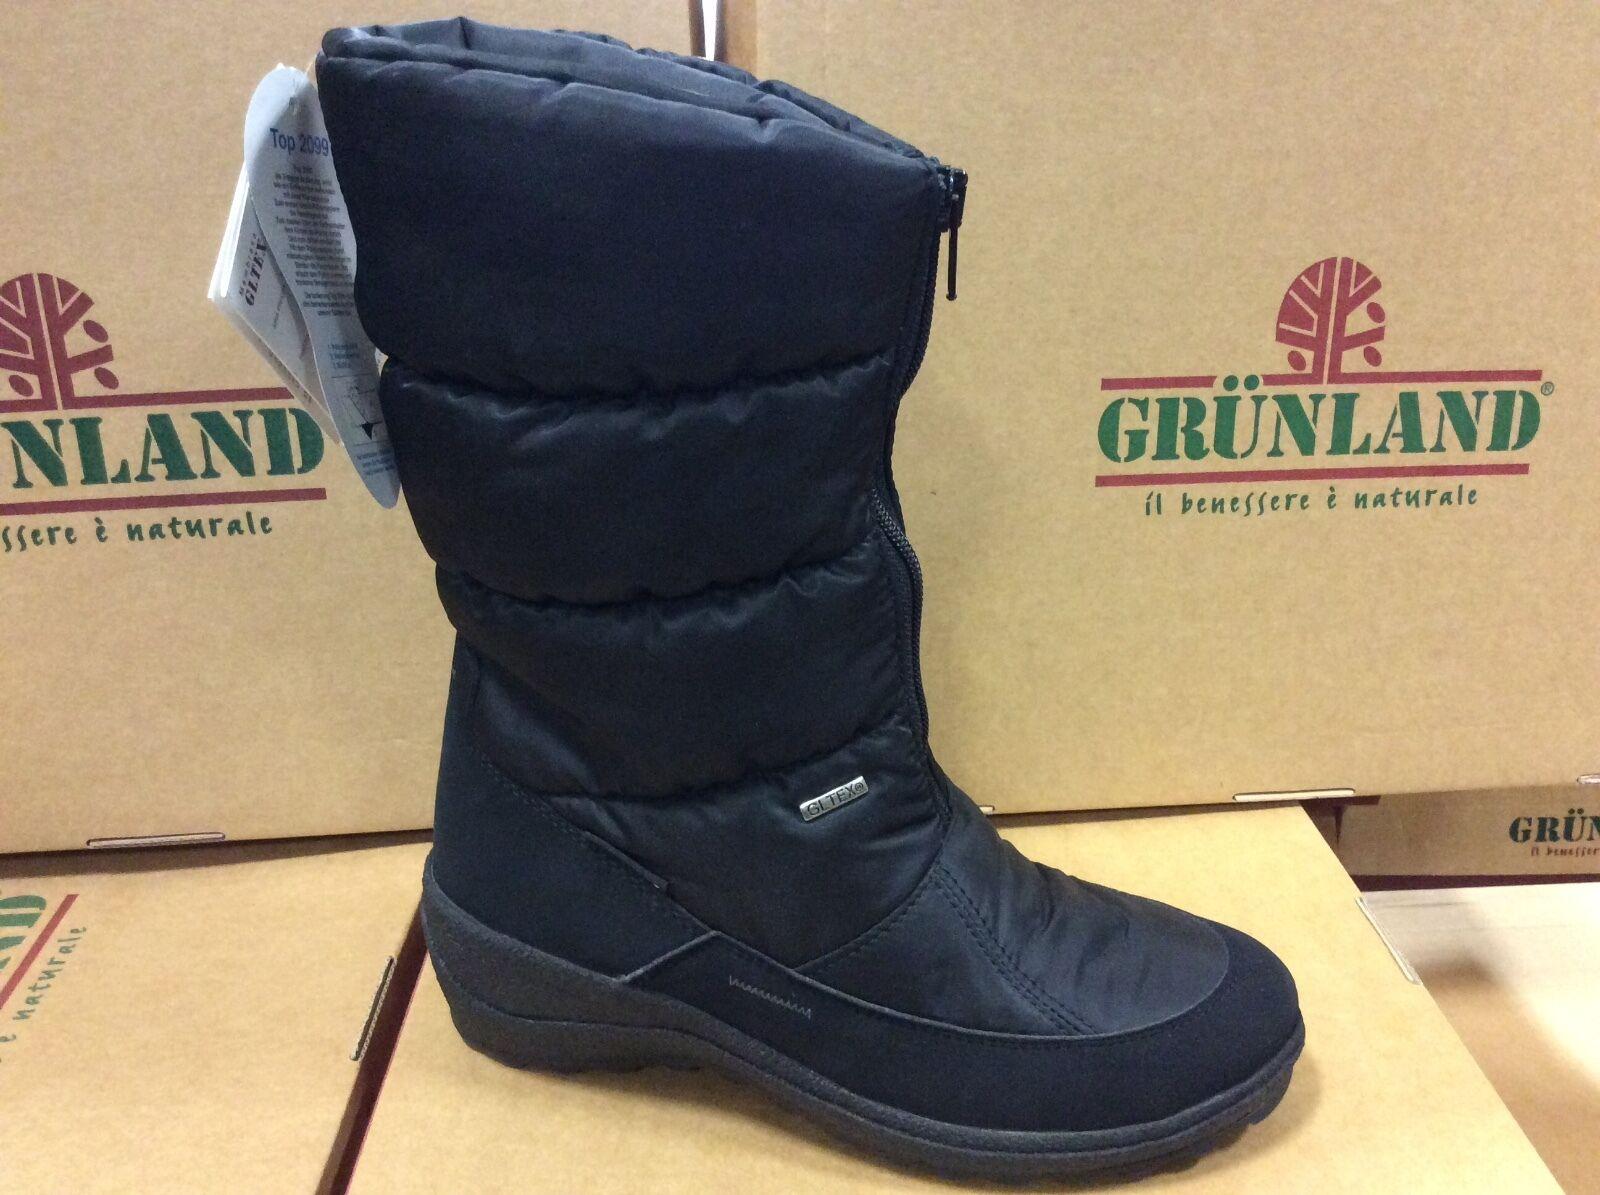 Schneestiefel Damen Stiefel heiß Hintergrund Anti-Rutsch Grunland art 27417